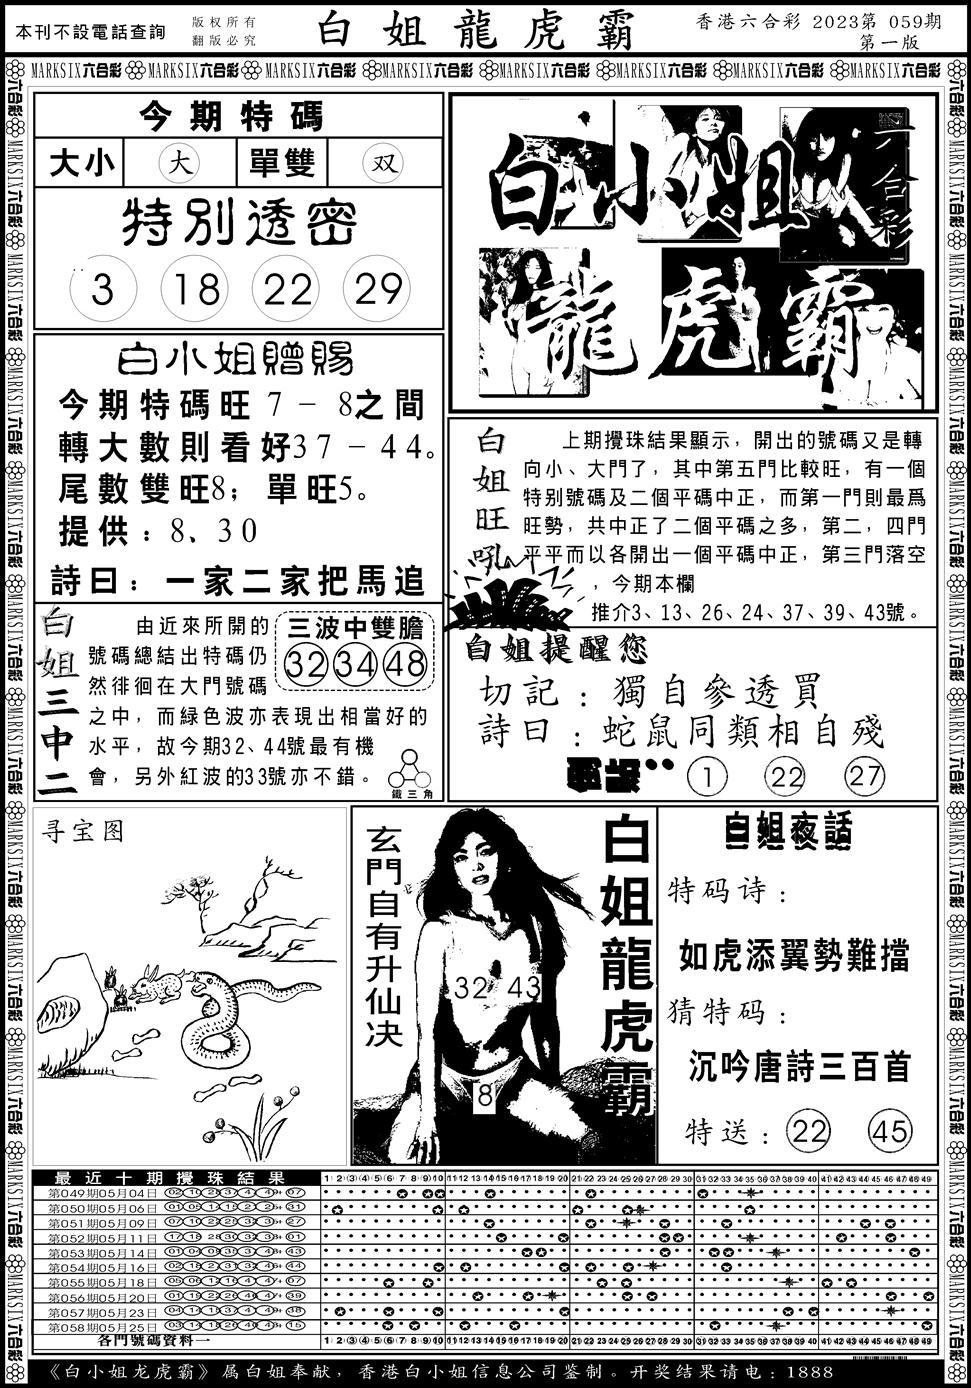 059期白小姐龙虎斗A(黑白)